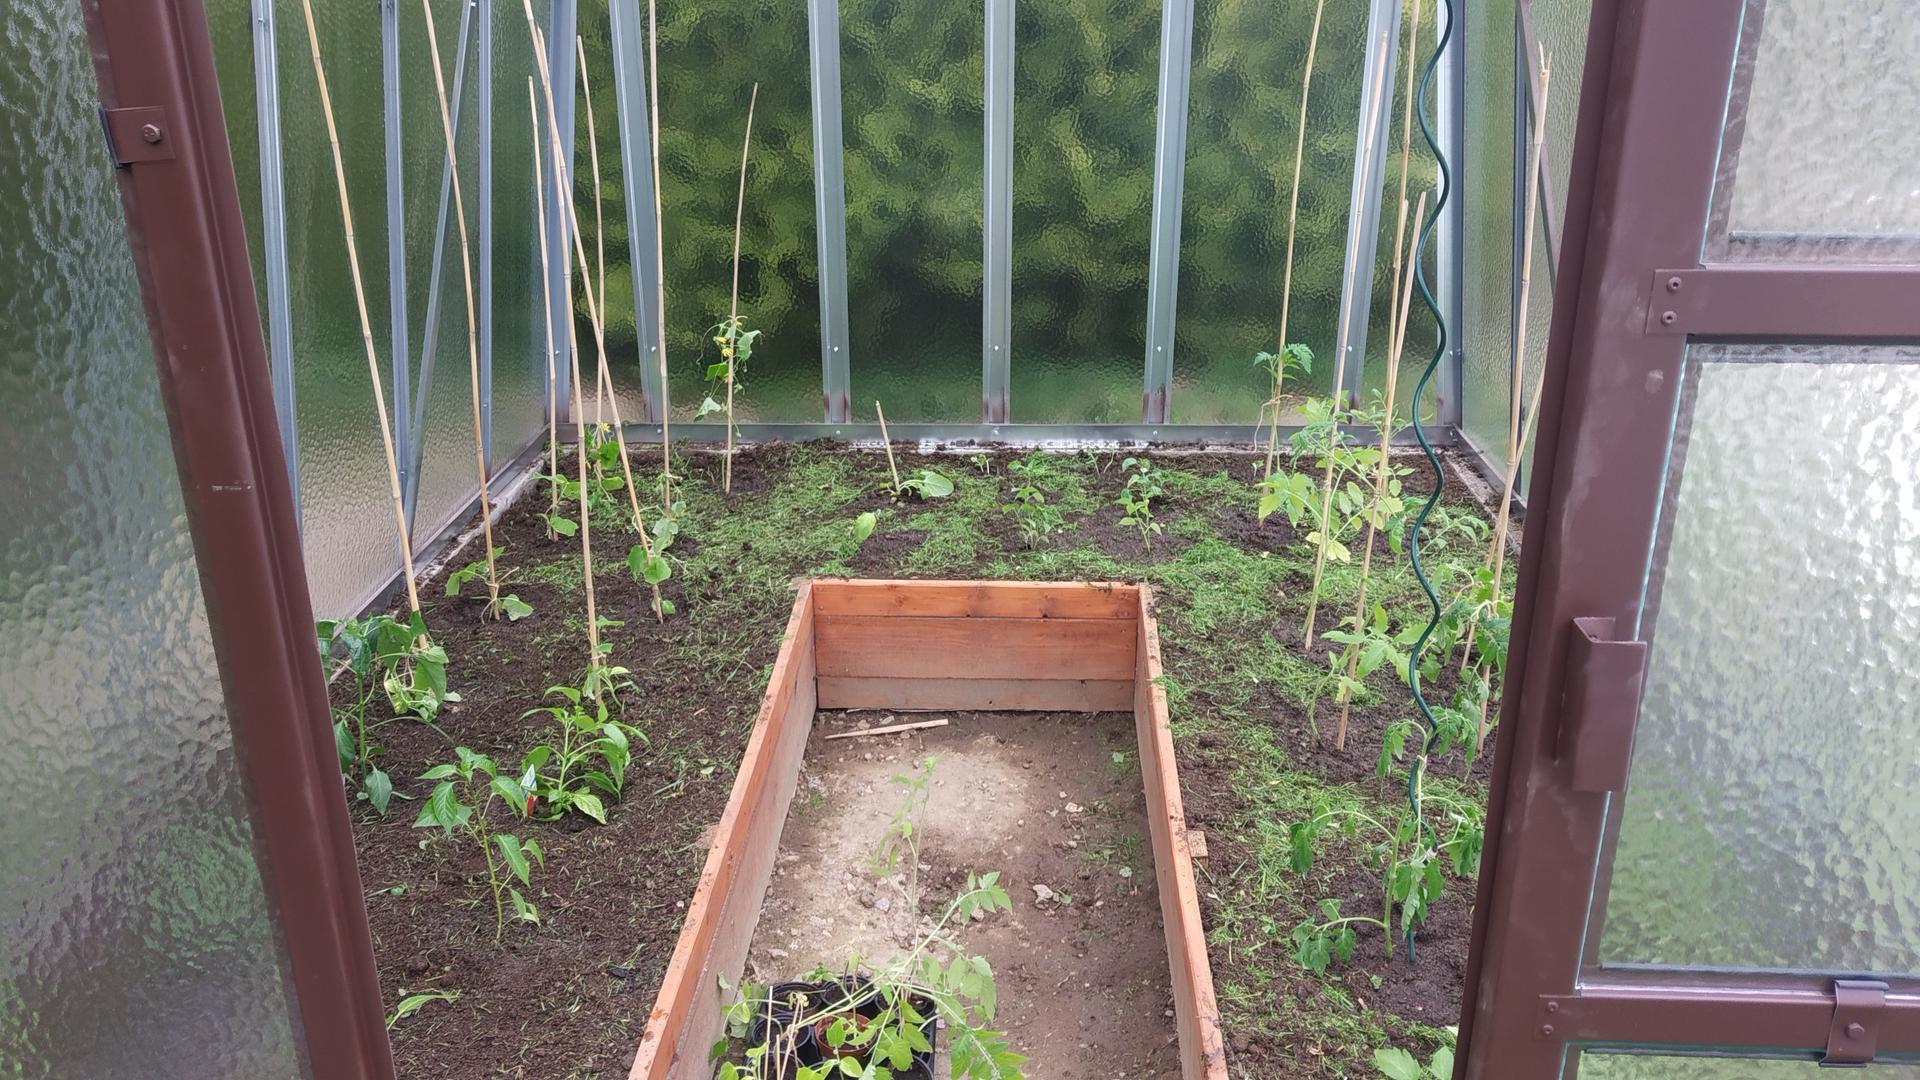 Zahrada 2021 a budování skleníku - Osázeno, dnes ještě dosypeme štěrk v chodníčku a dodám pevnější tyčky. My jsme chvátali, aby to šlo už do skleníku.